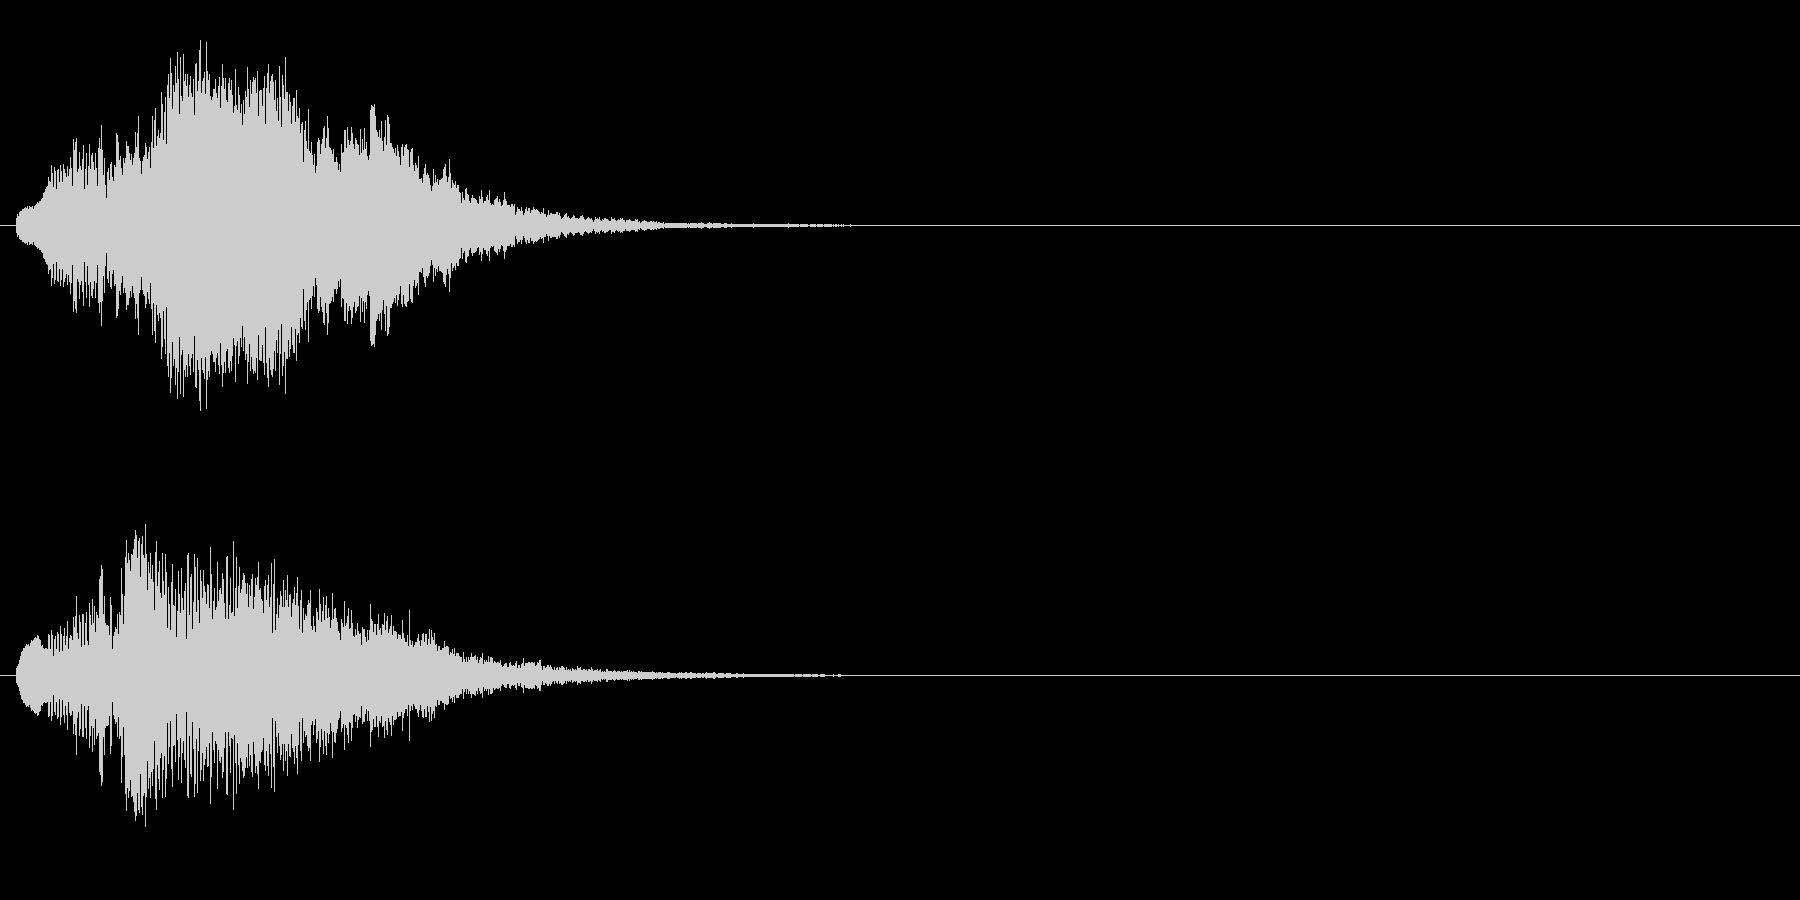 ハープ・上昇_7-1の未再生の波形